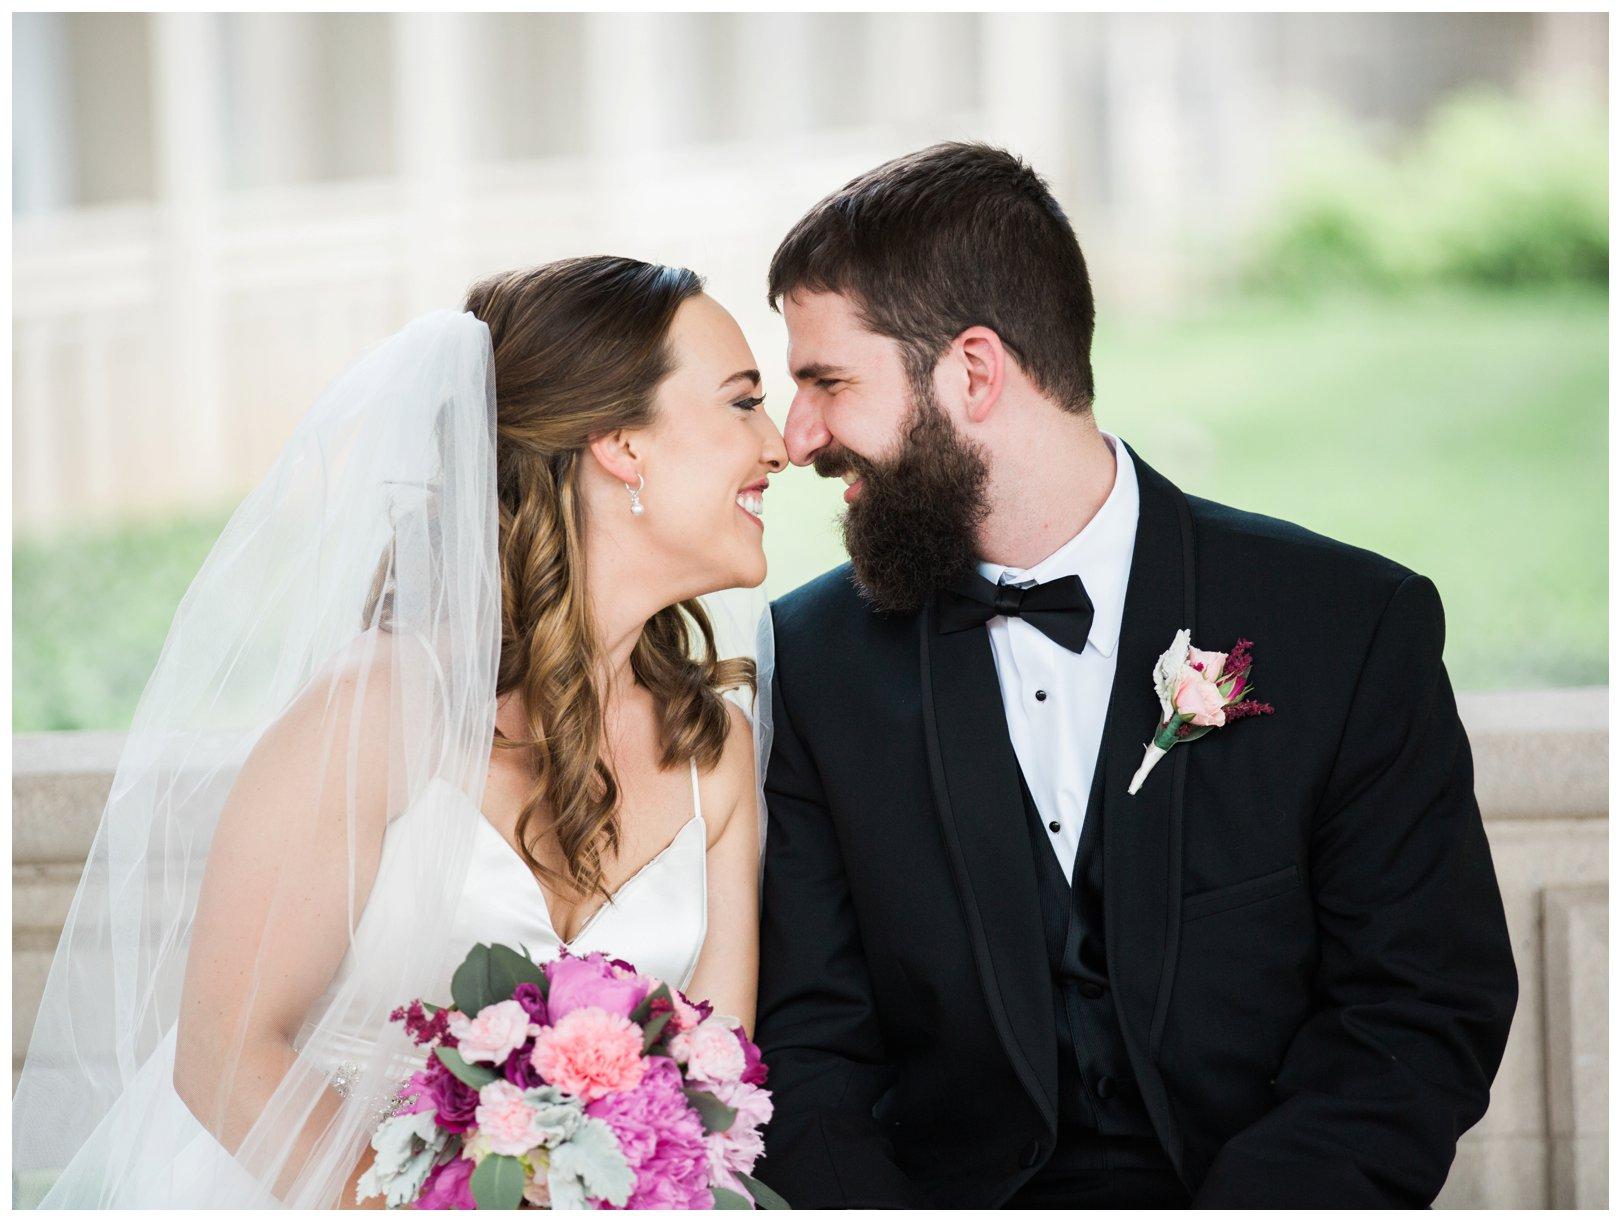 lauren muckler photography_fine art film wedding photography_st louis_photography_1096.jpg